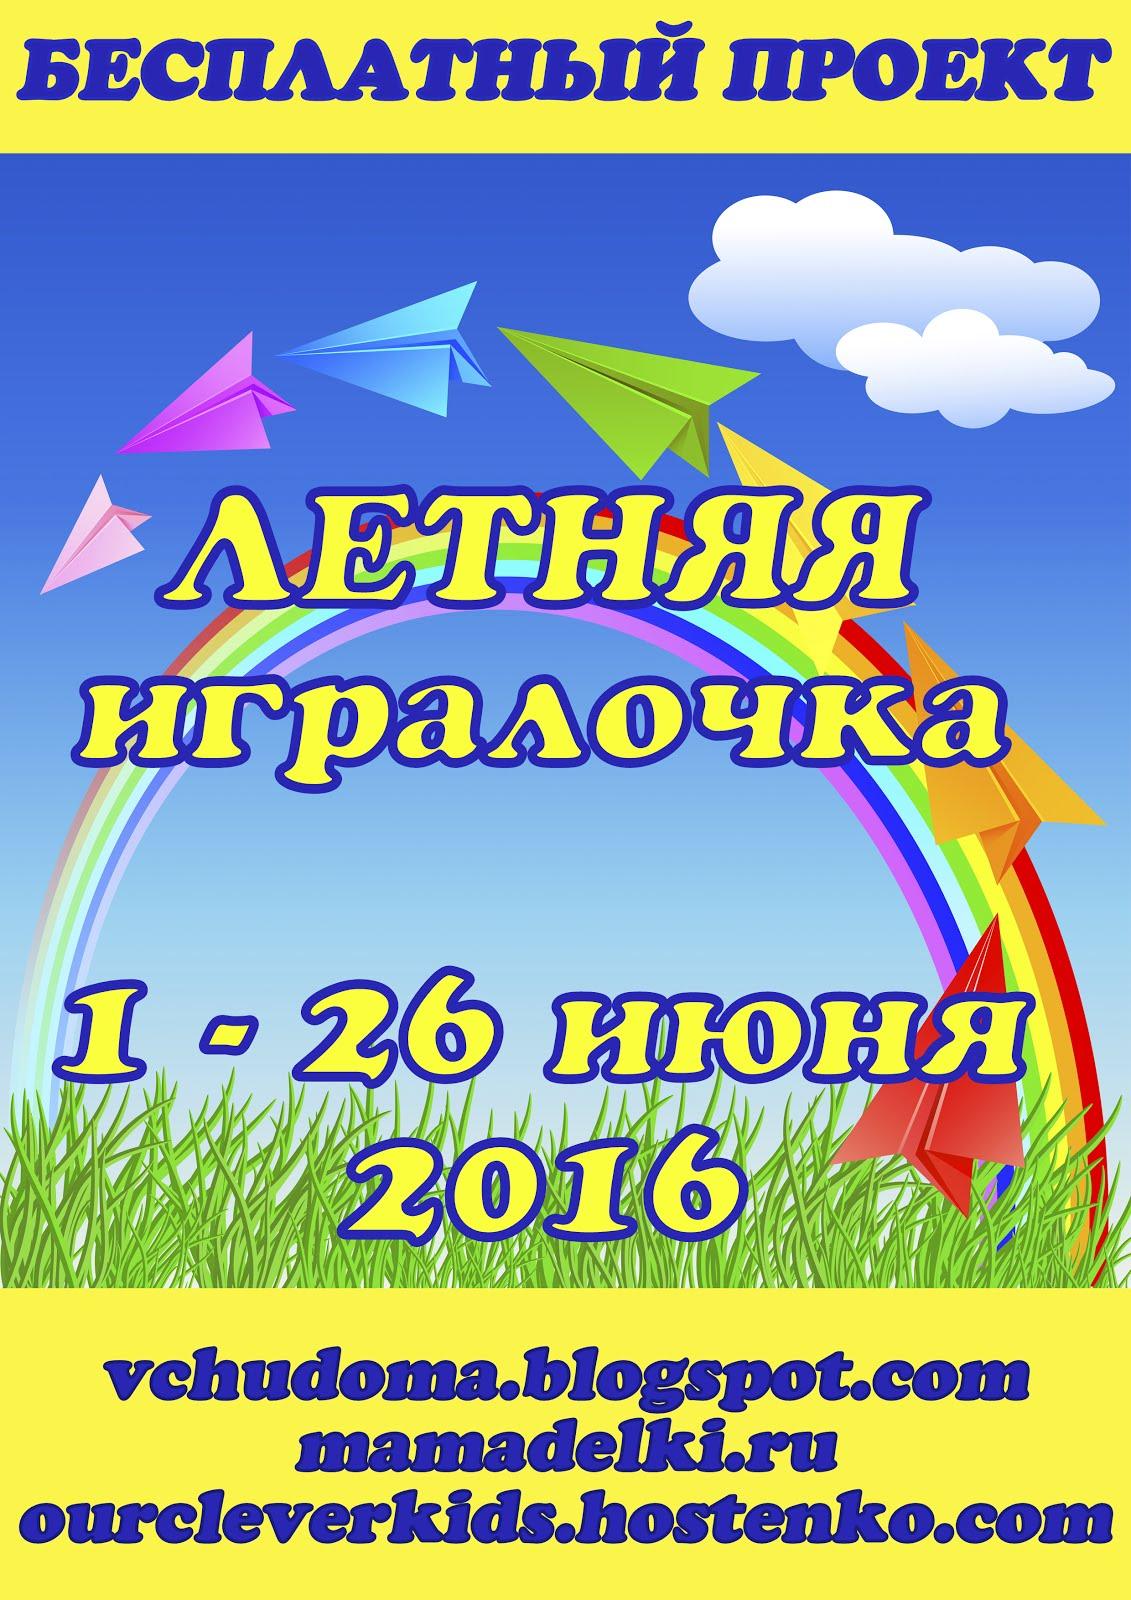 """БЕСПЛАТНЫЙ ПРОЕКТ """"ЛЕТНЯЯ ИГРАЛОЧКА 2016"""""""